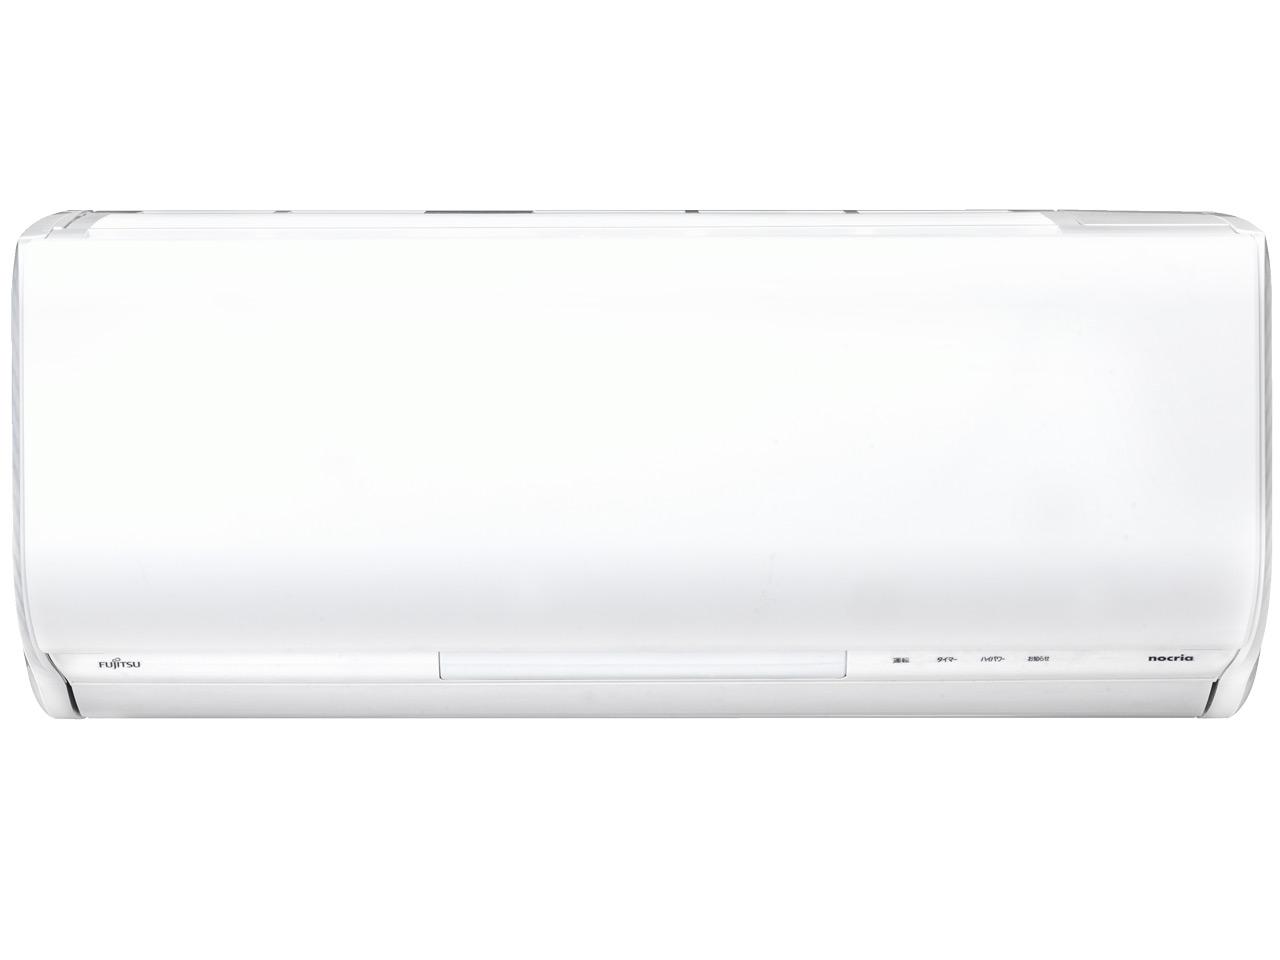 『本体』 ノクリア AS-GS56F2 の製品画像